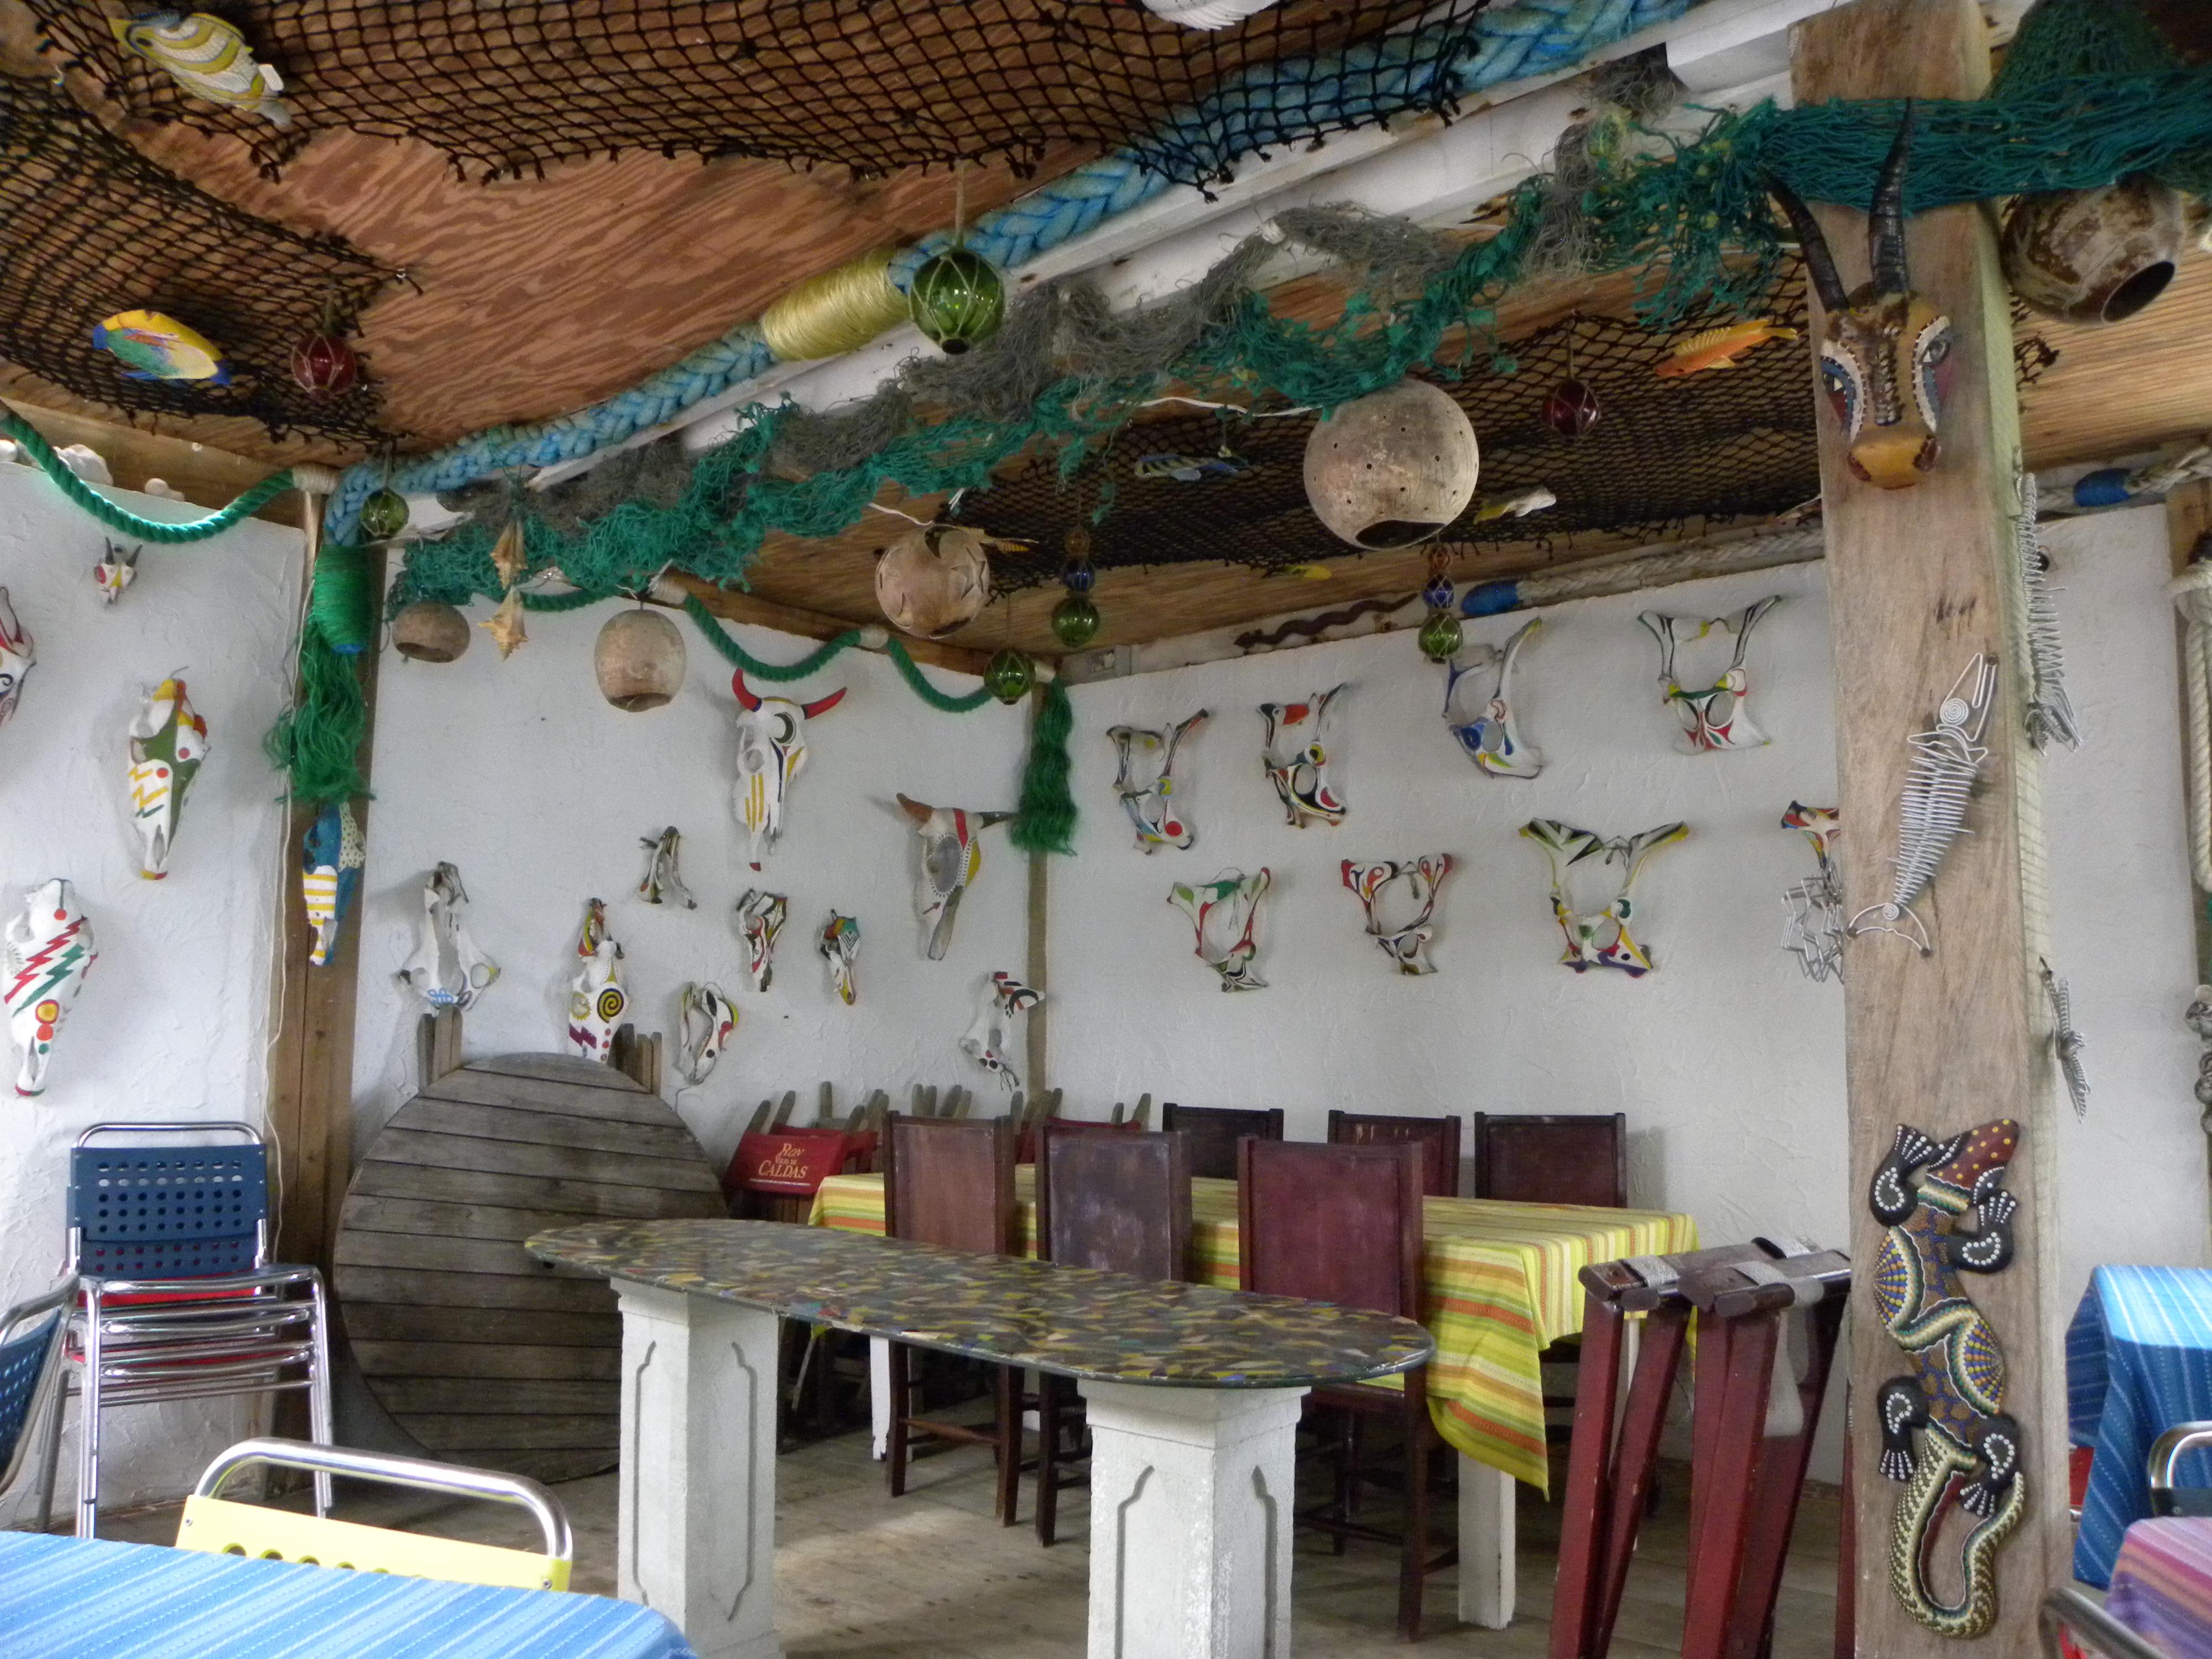 Donde francesca san andr s colombia voyage addicted - Restaurante singapur valencia ...